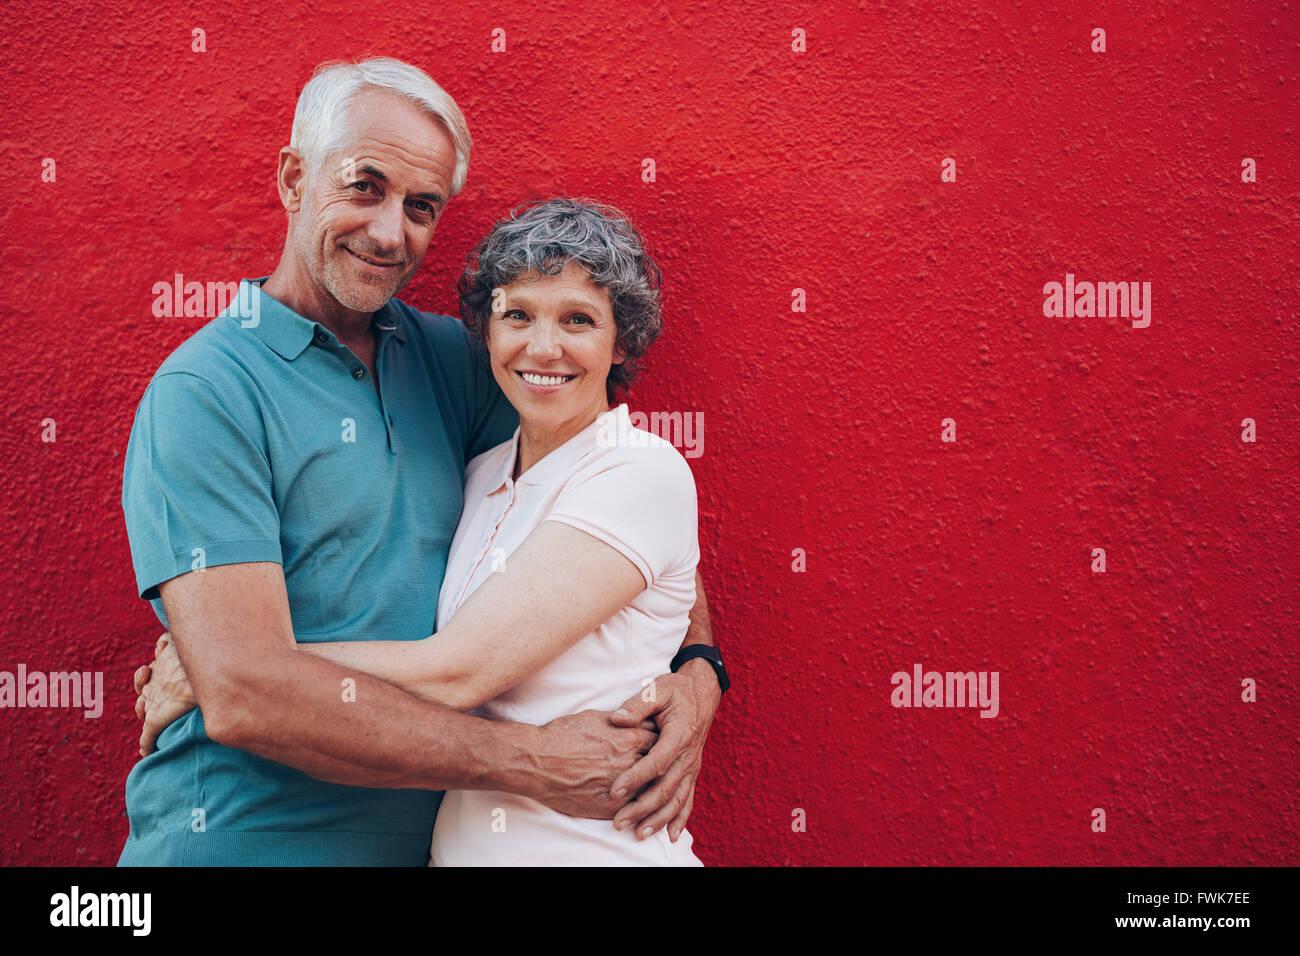 Porträt des Liebens Mitte im Alter von Mann und Frau stehen gemeinsam vor rotem Hintergrund. Älteres paar Stockbild